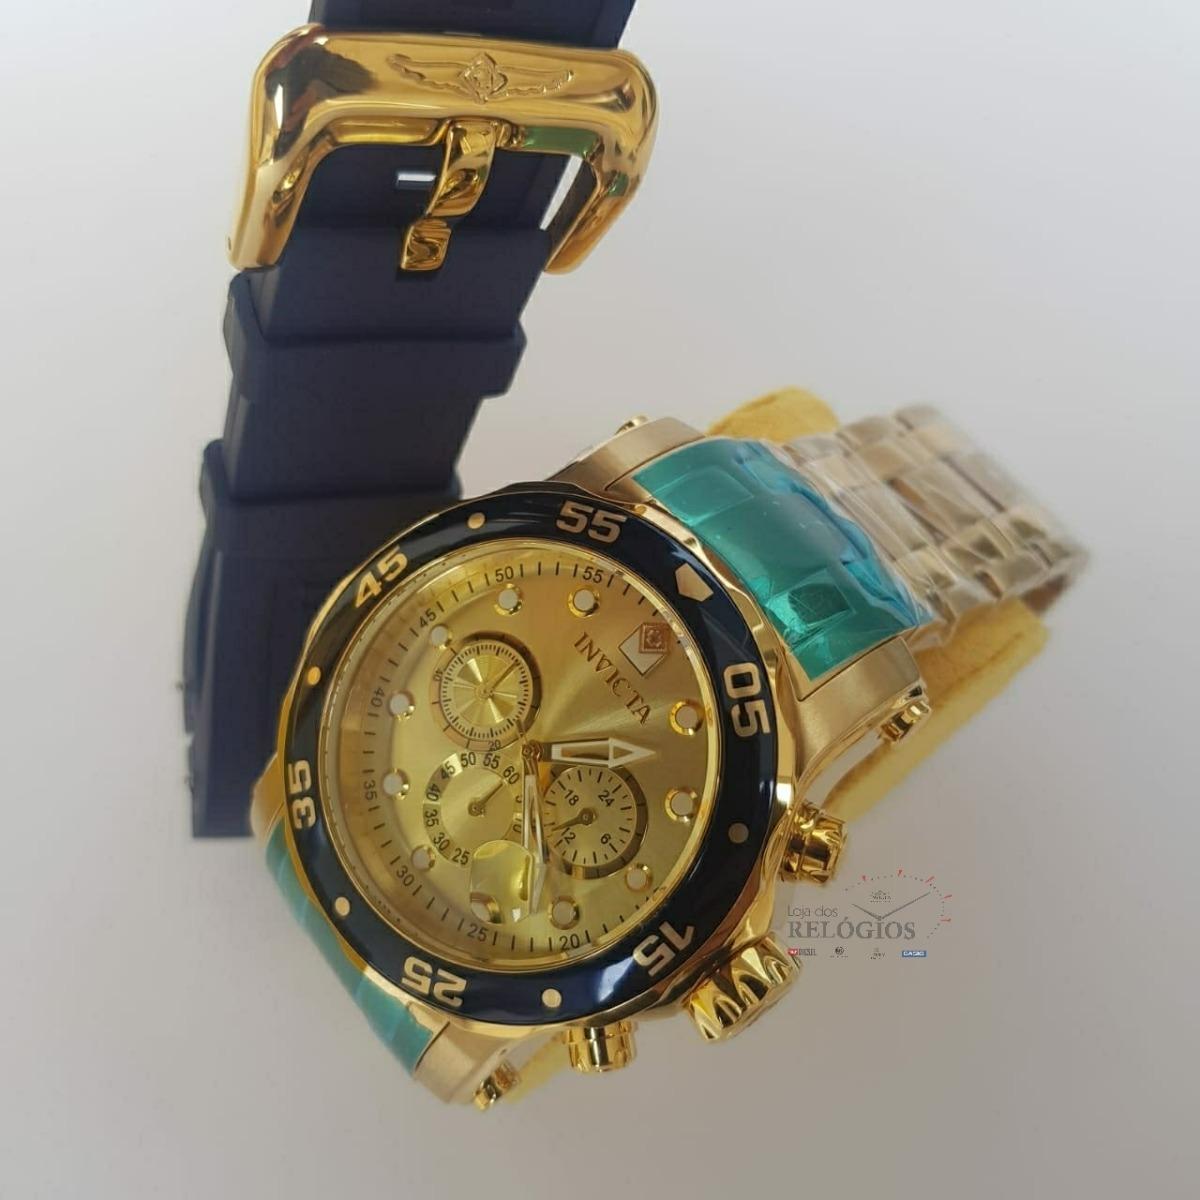 b41c2e565d7 Relógio Invicta Pró Diver 23669 Pulseira Extra 100% Original - R ...